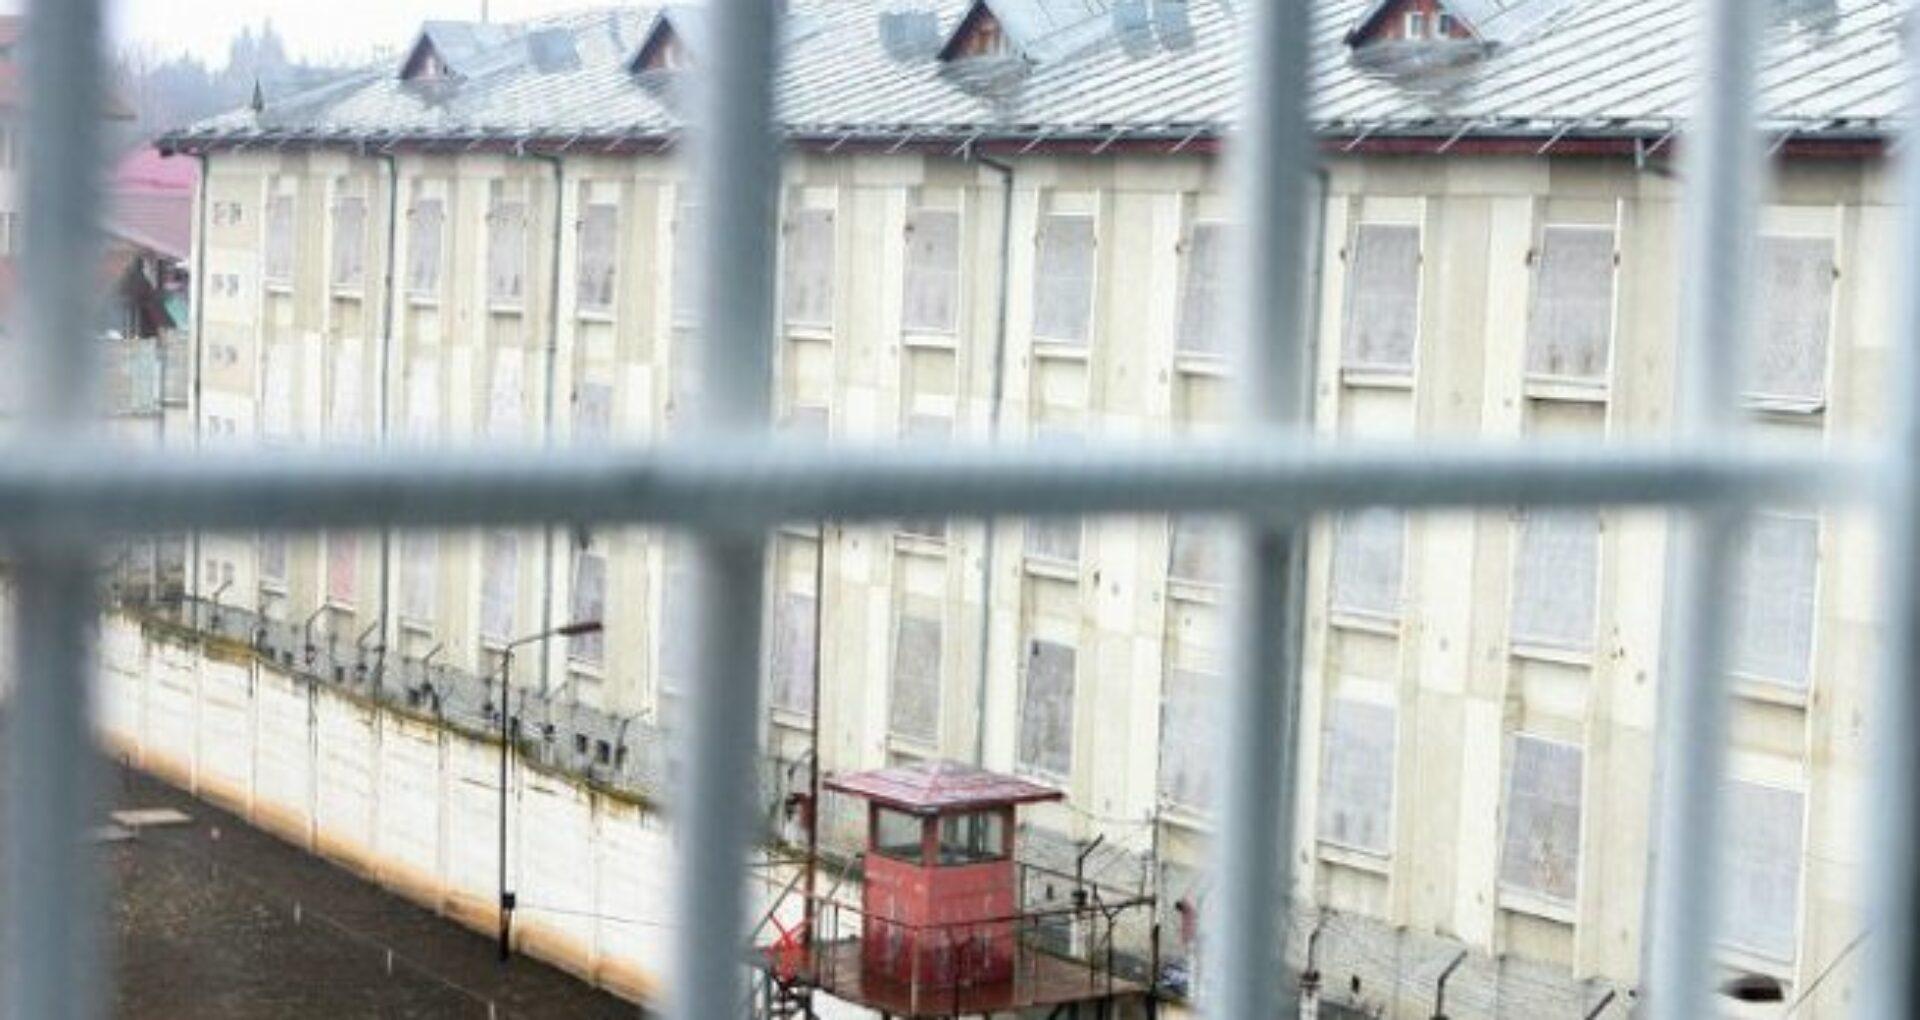 Ministerul Justiției anunță suspendări din funcție după decesul unui bărbat din Penitenciarul 13